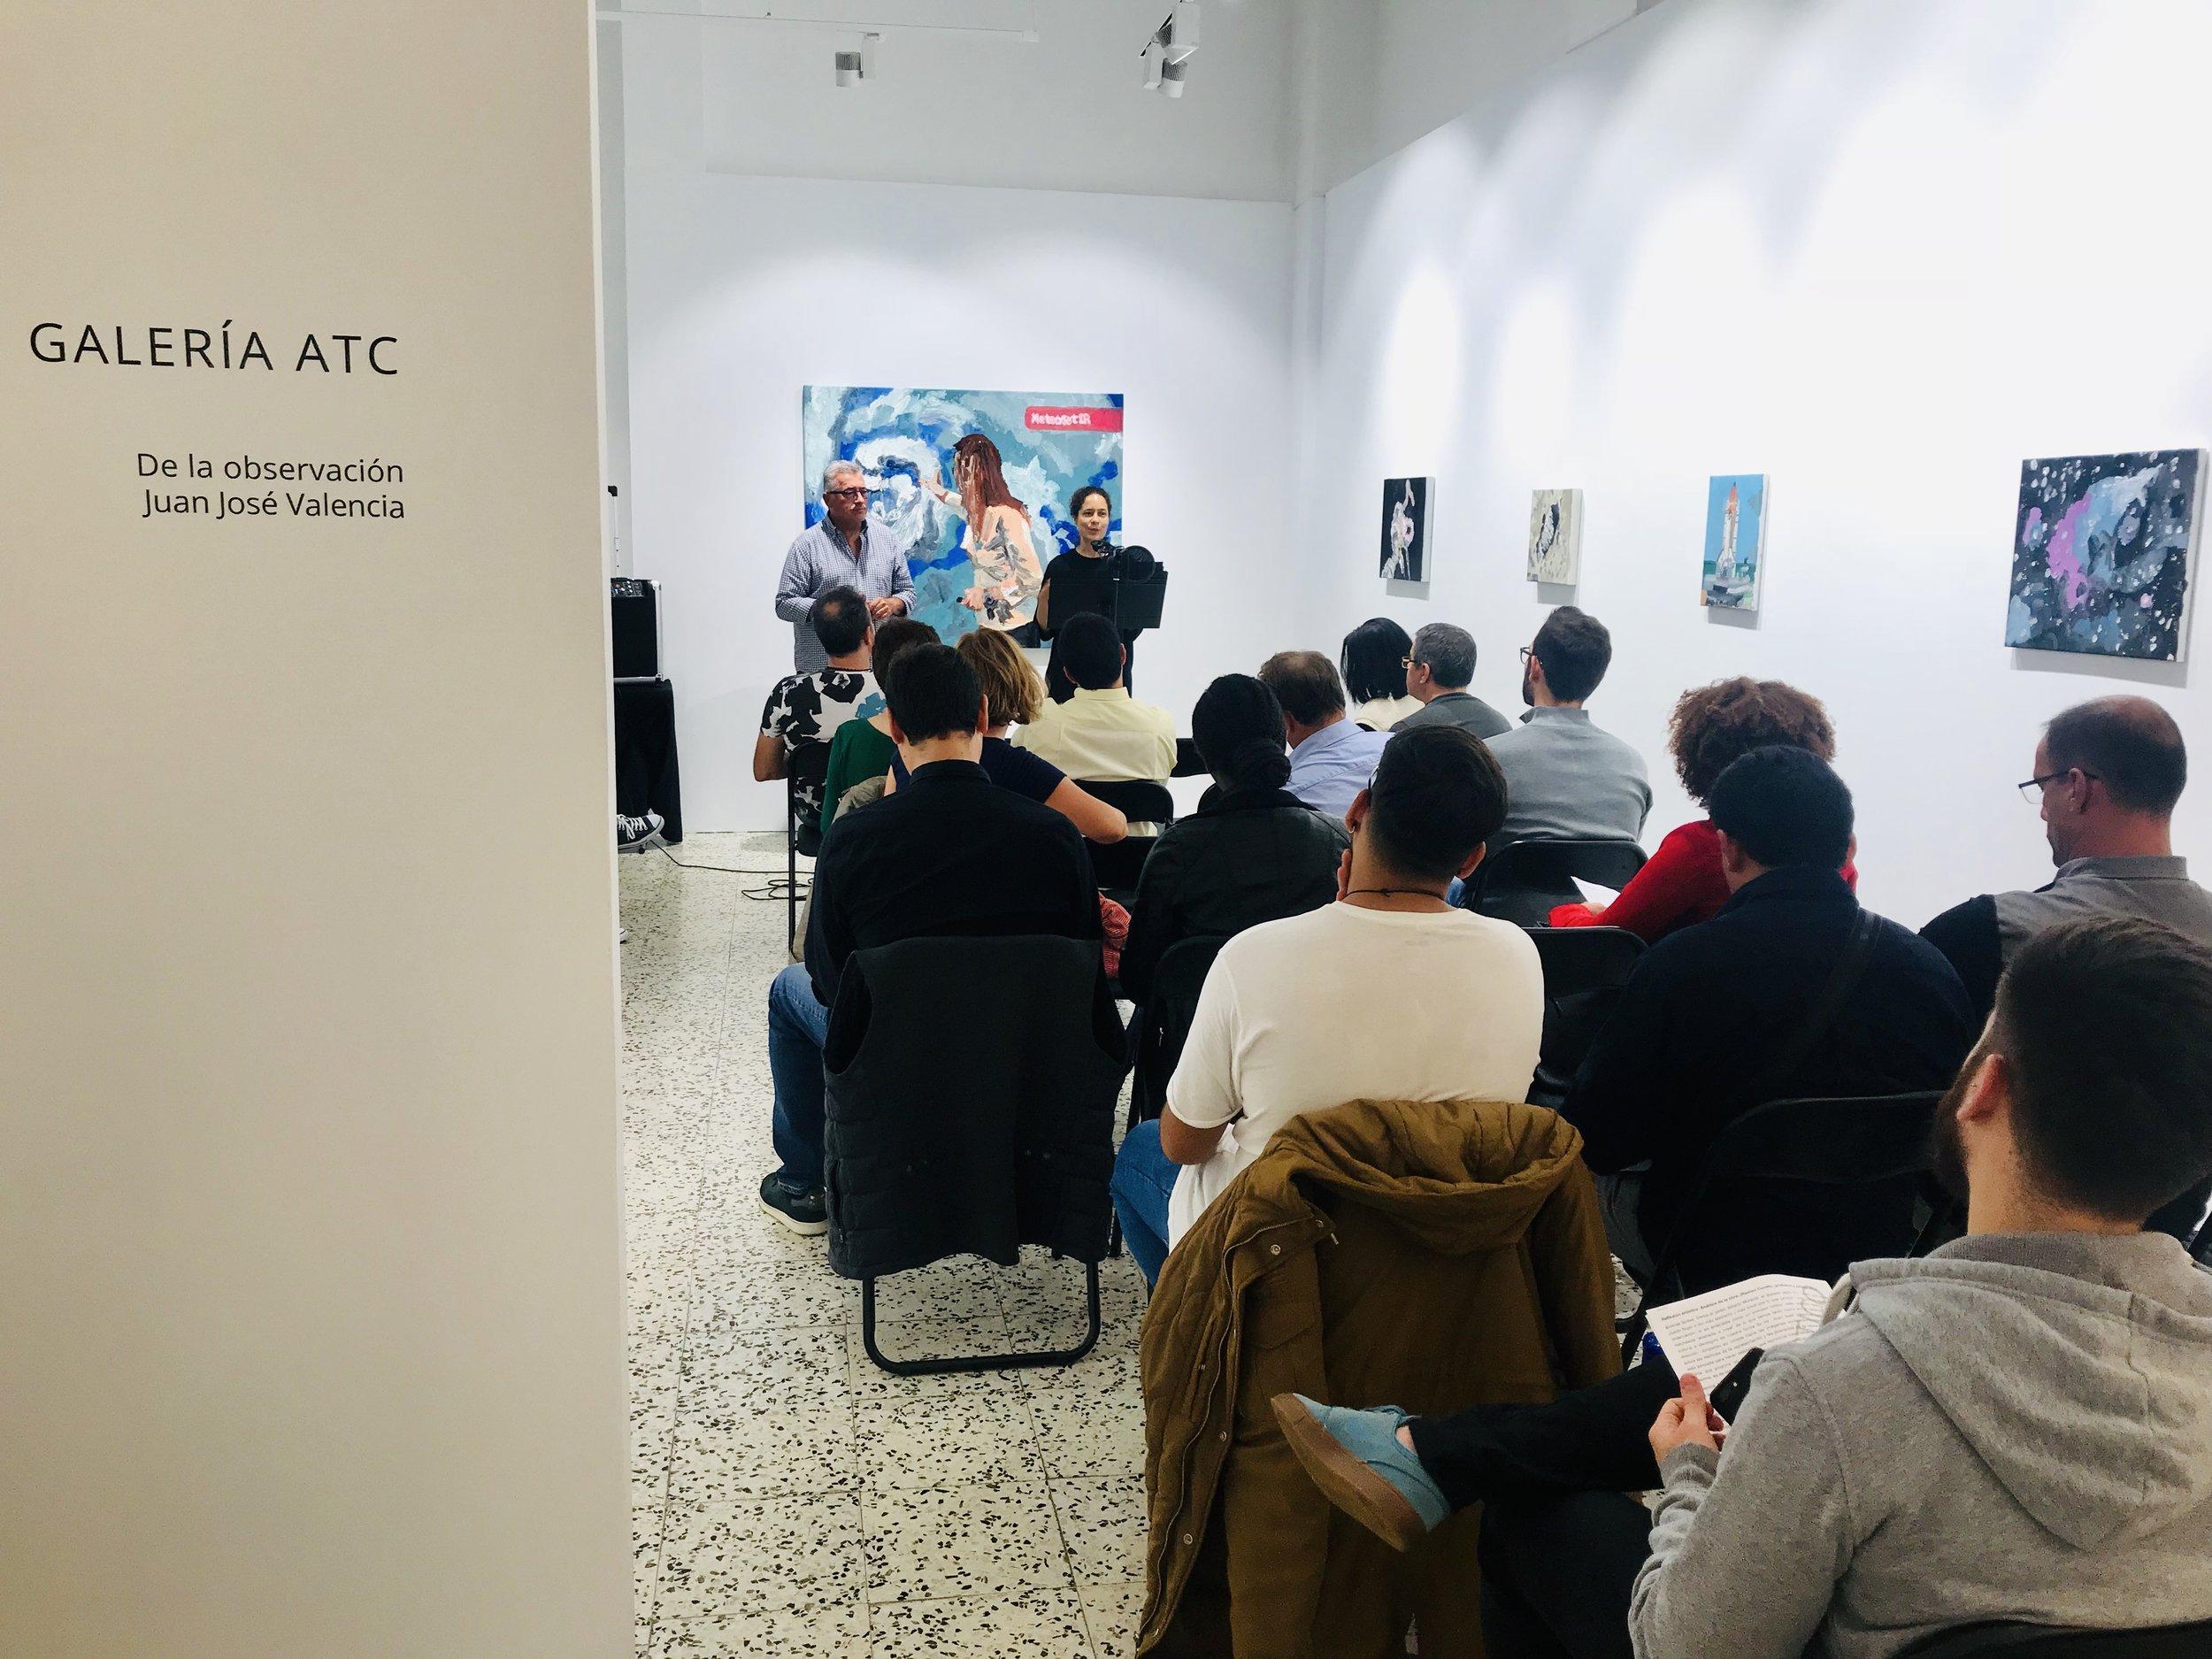 Practicando con los alumnos en distintos escenarios. Simulando la inauguración de una exposición de arte.